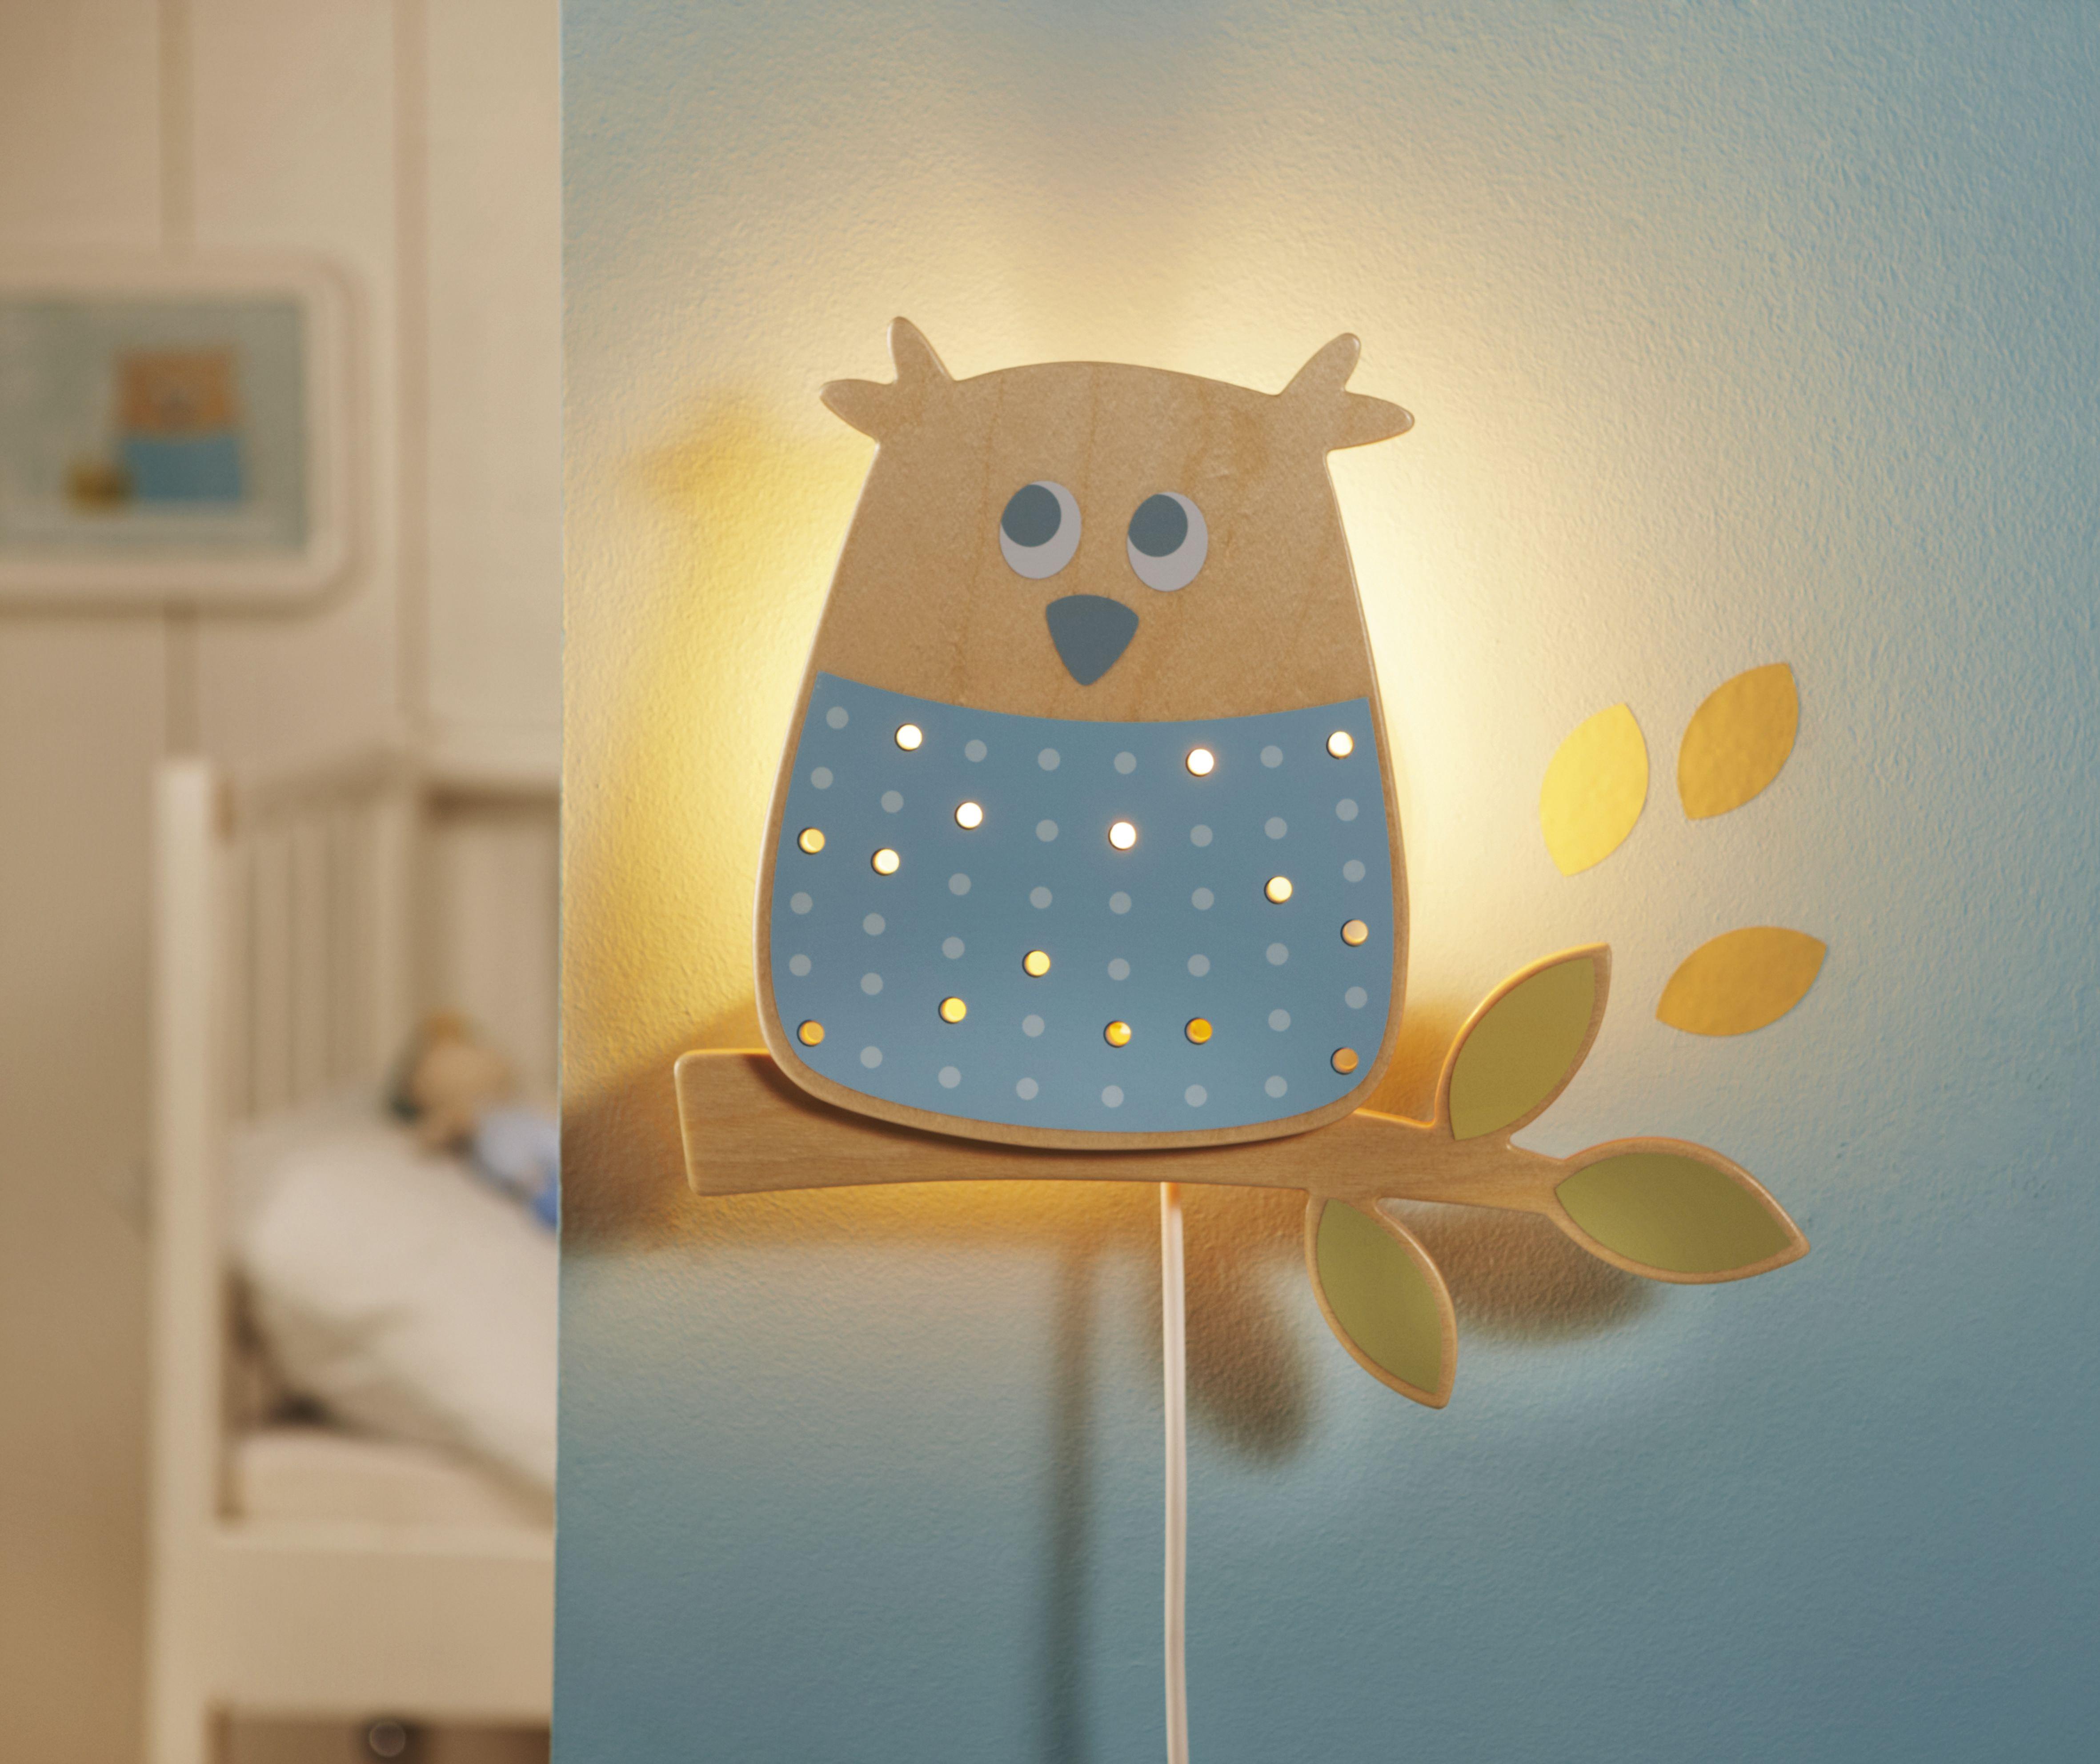 Schlummerlicht waldeule die schlaue waldeule kommt aus dem traumwald angeflattert und - Wandlampe babyzimmer ...